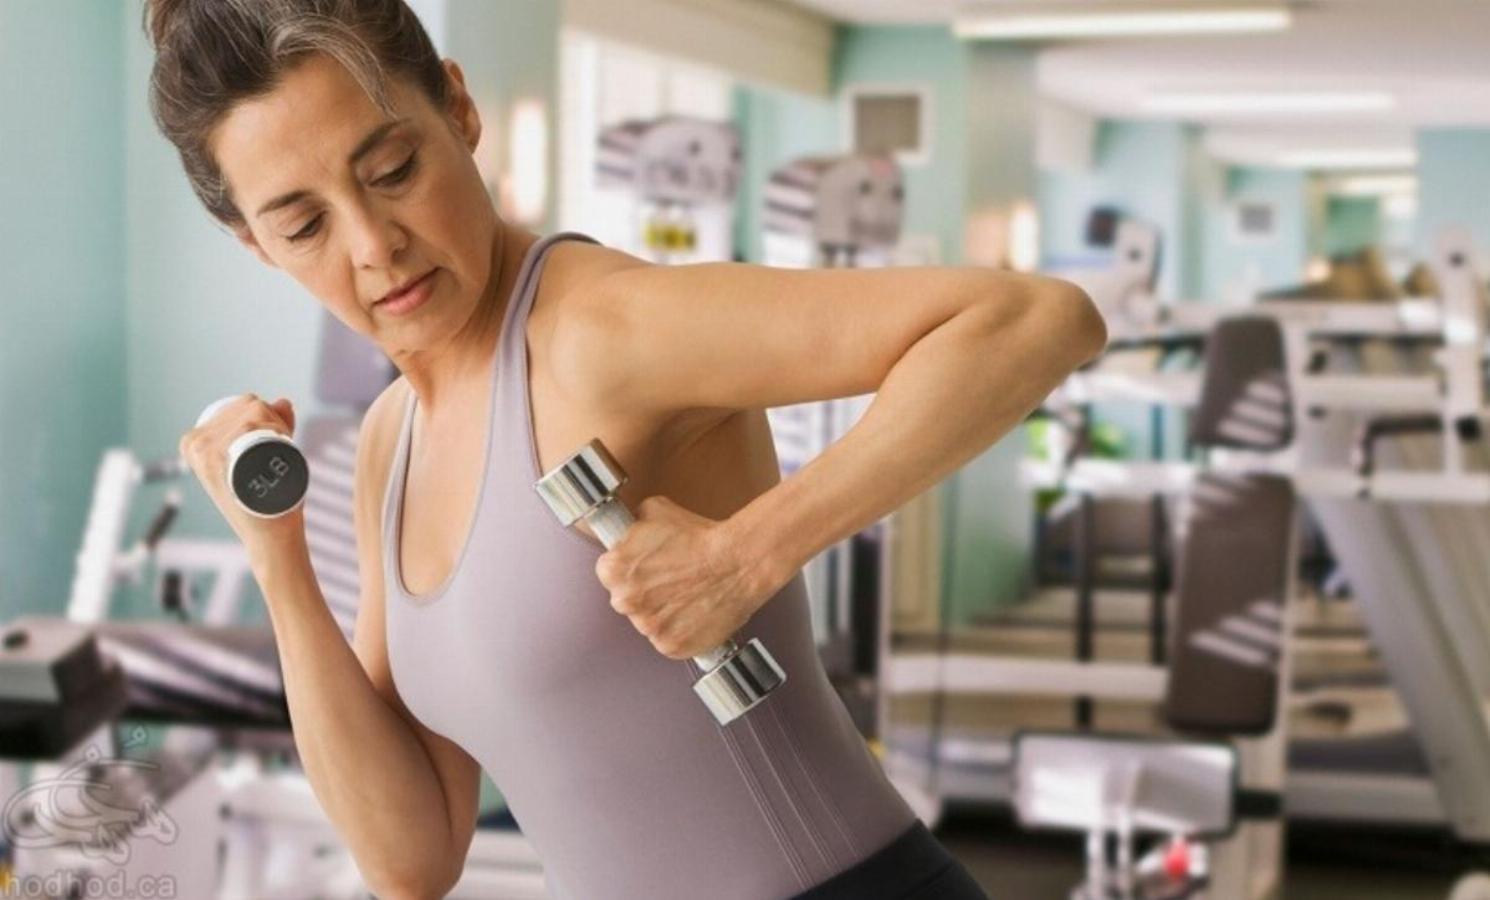 آموزش بدن سازی و تناسب اندام (بخش نخست)